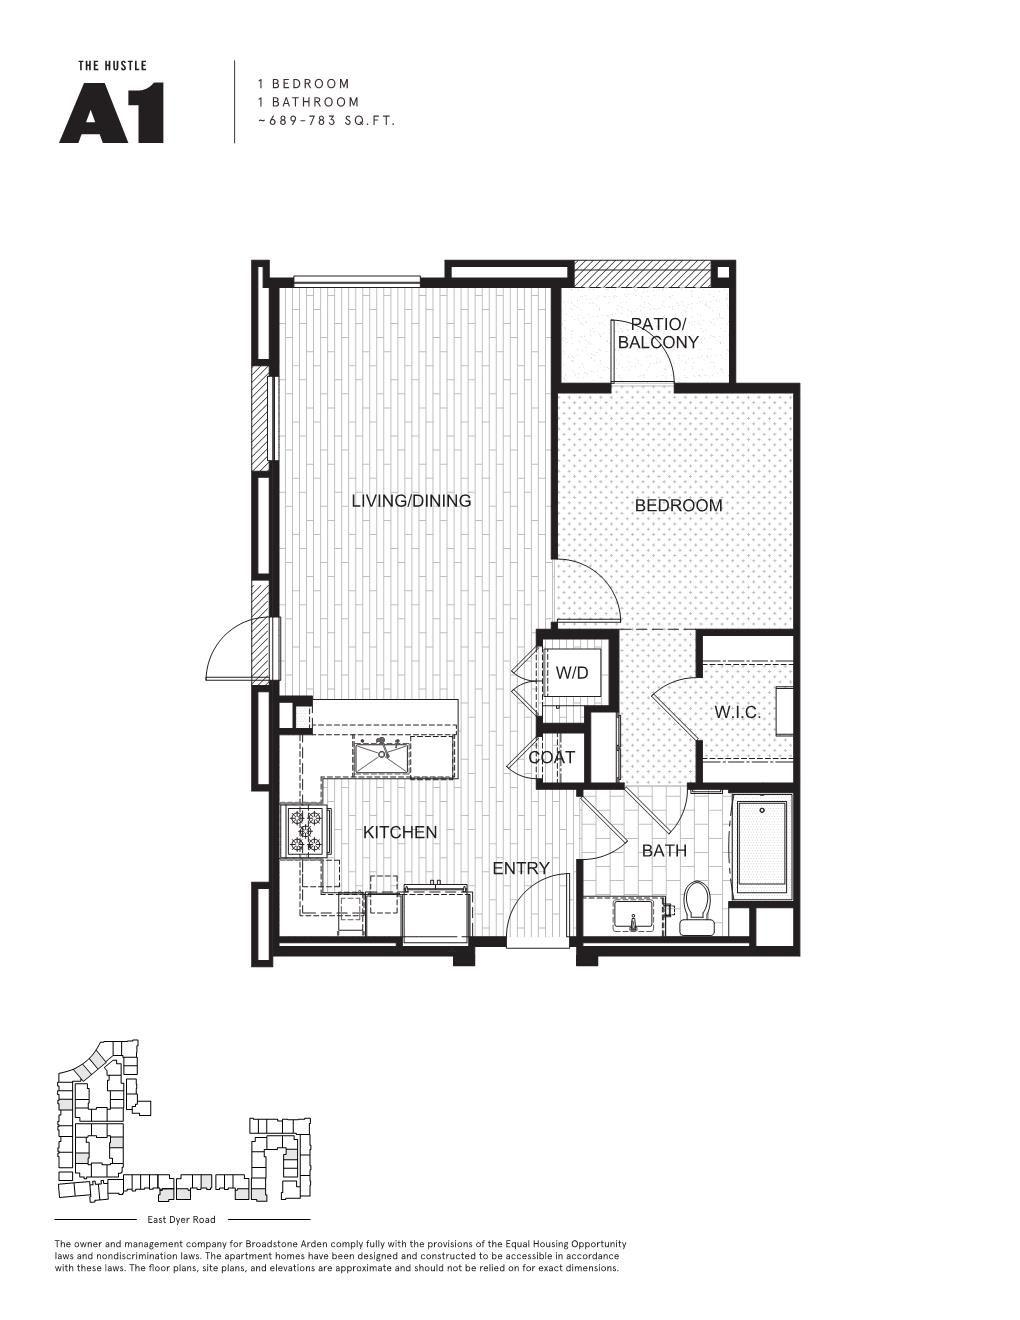 3 Bedroom Apartments In Orange County: Floor Plans, Apartment Floor Plan, One